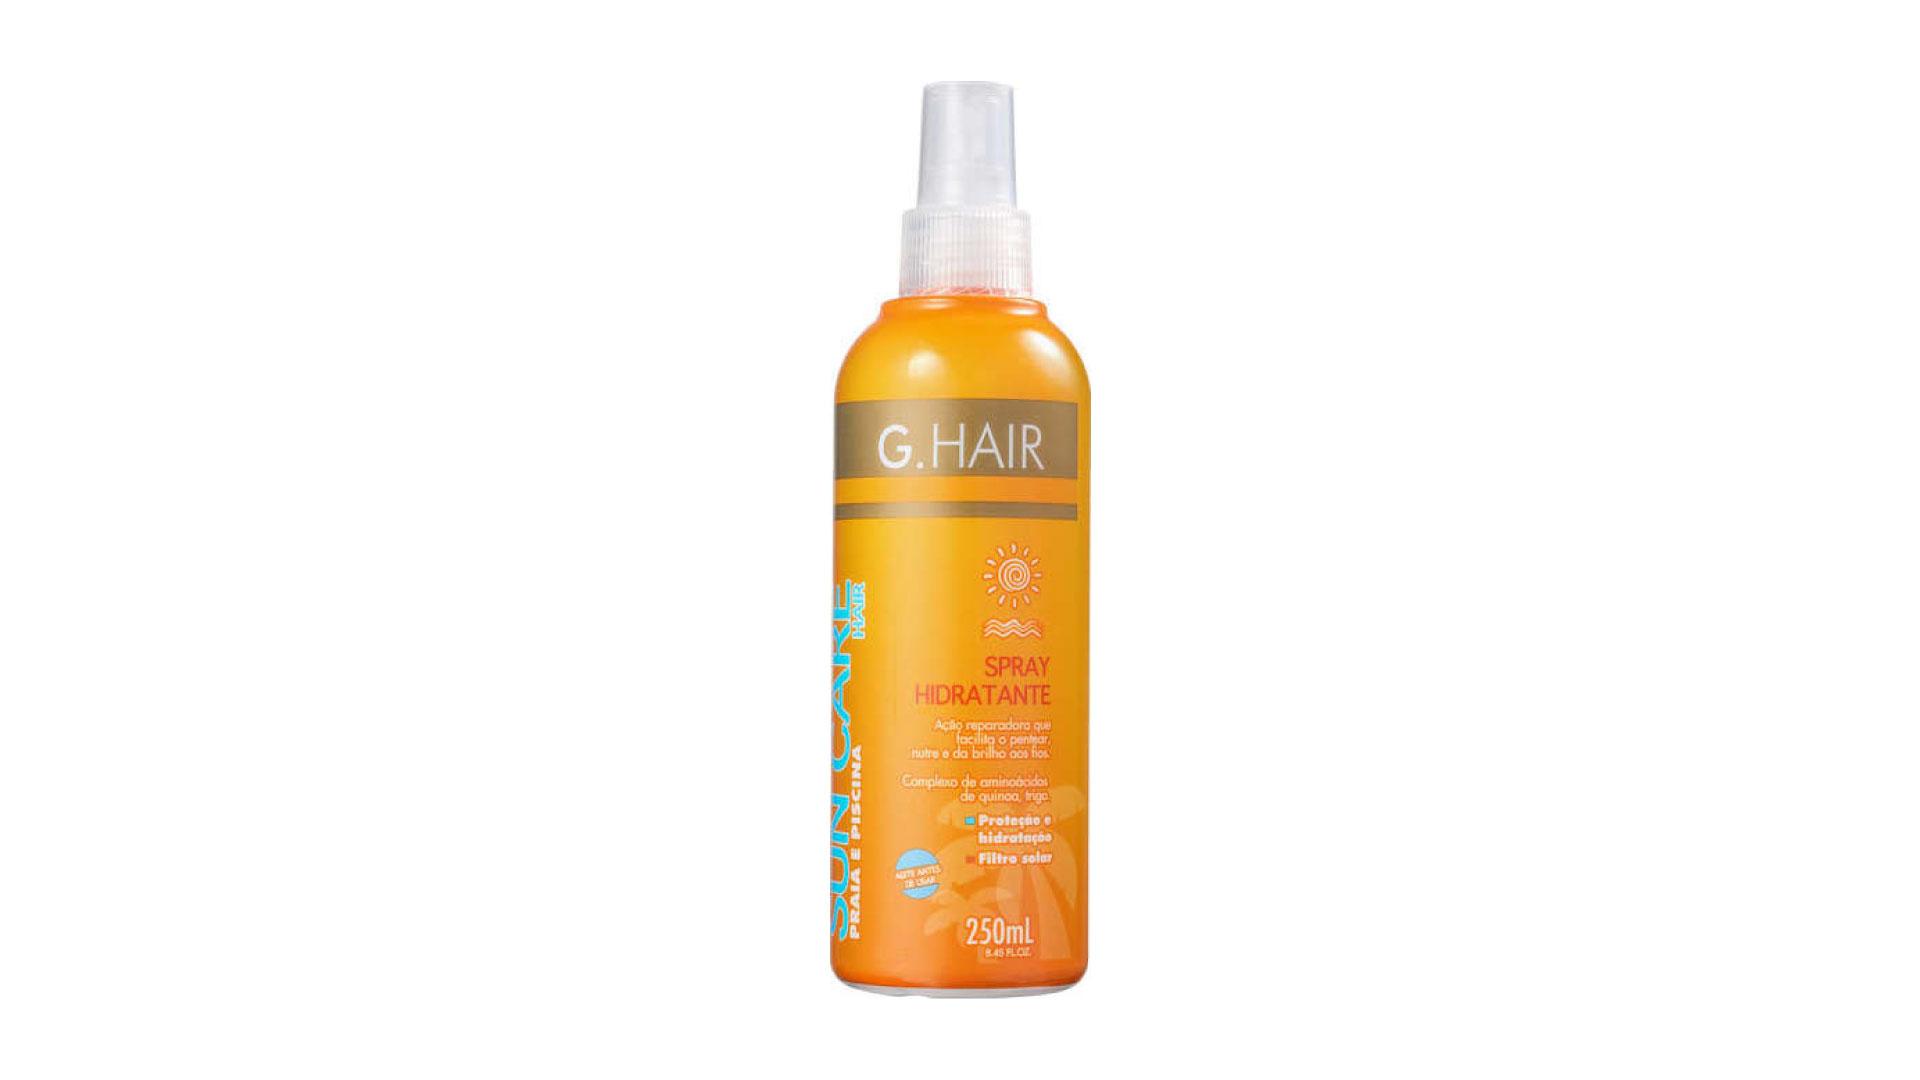 G.Hair Spray Hidratante Sun Care Praia e Piscina